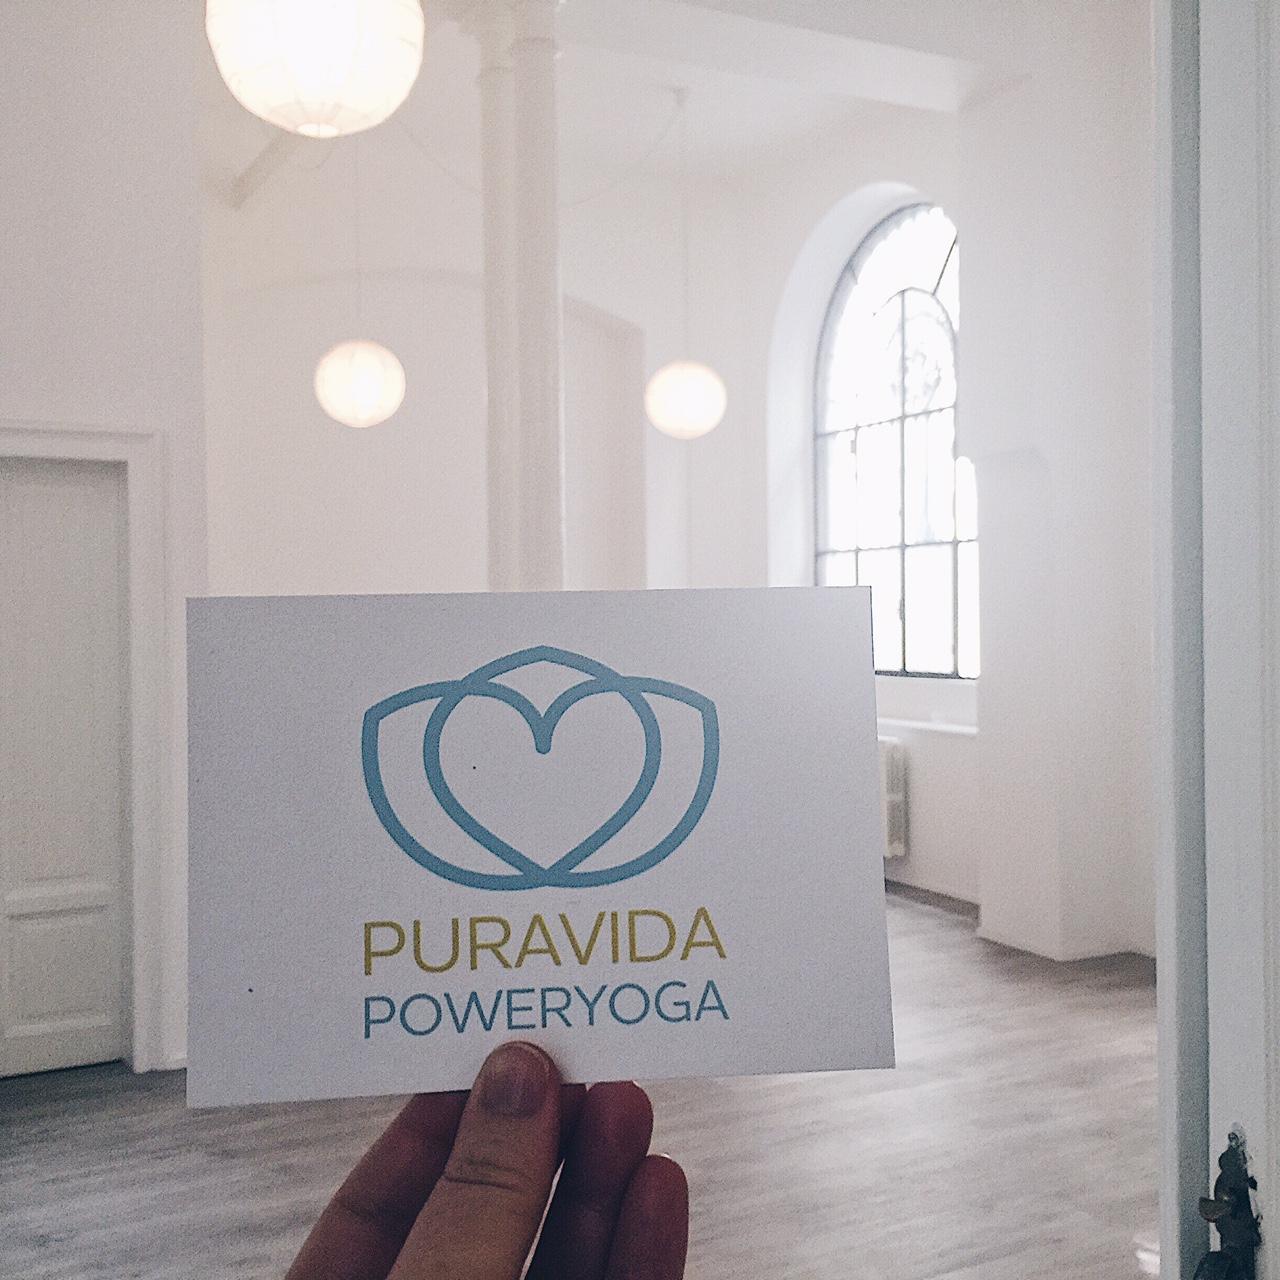 I 5 migliori centri yoga di Milano - Pura Vida Power Yoga - Milano - foto di tatianaberlaffa.com